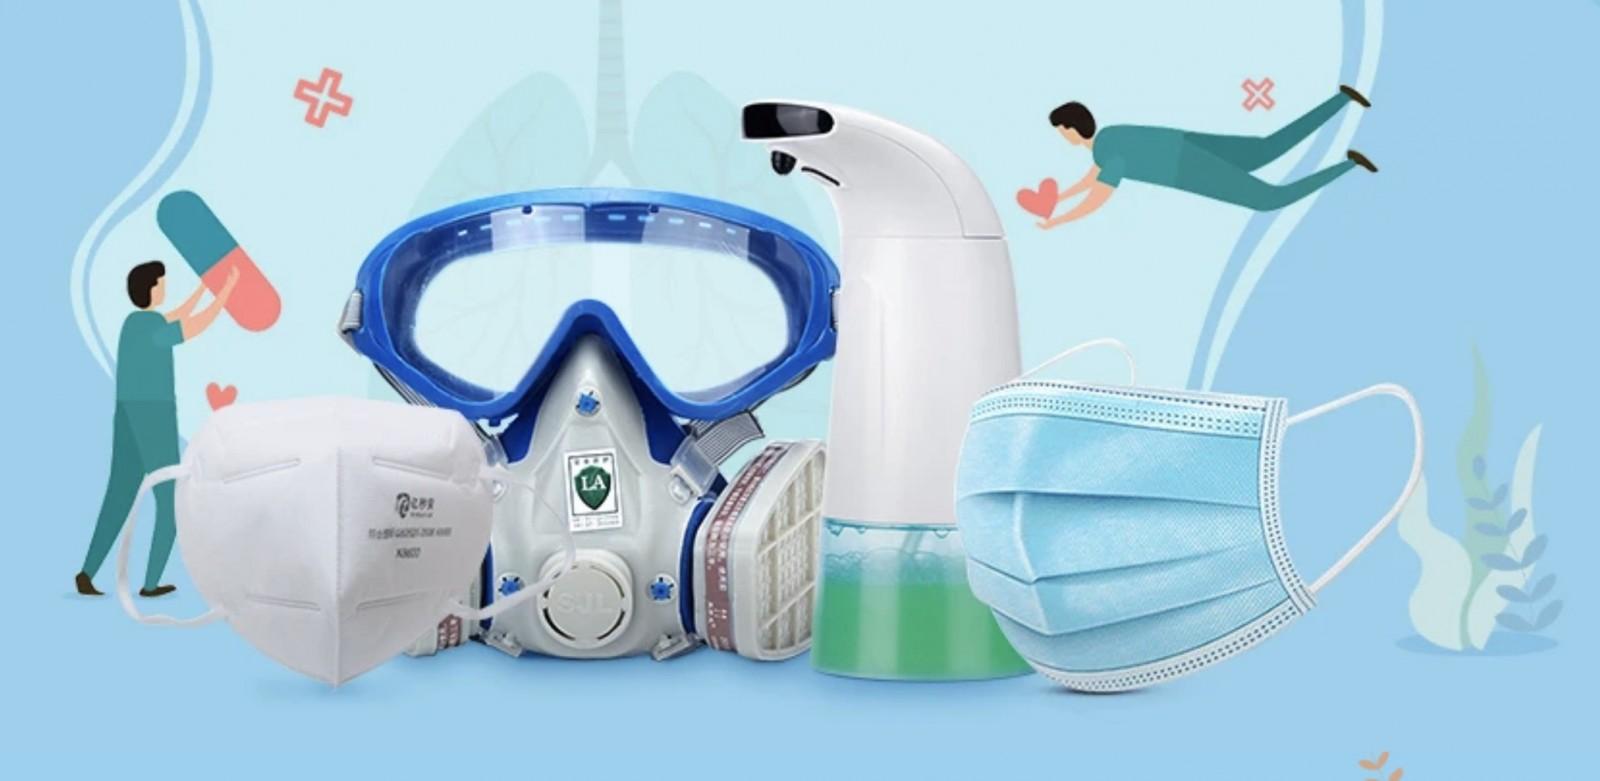 Banggood tante mascherine e sistemi di protezione contro il coronavirus